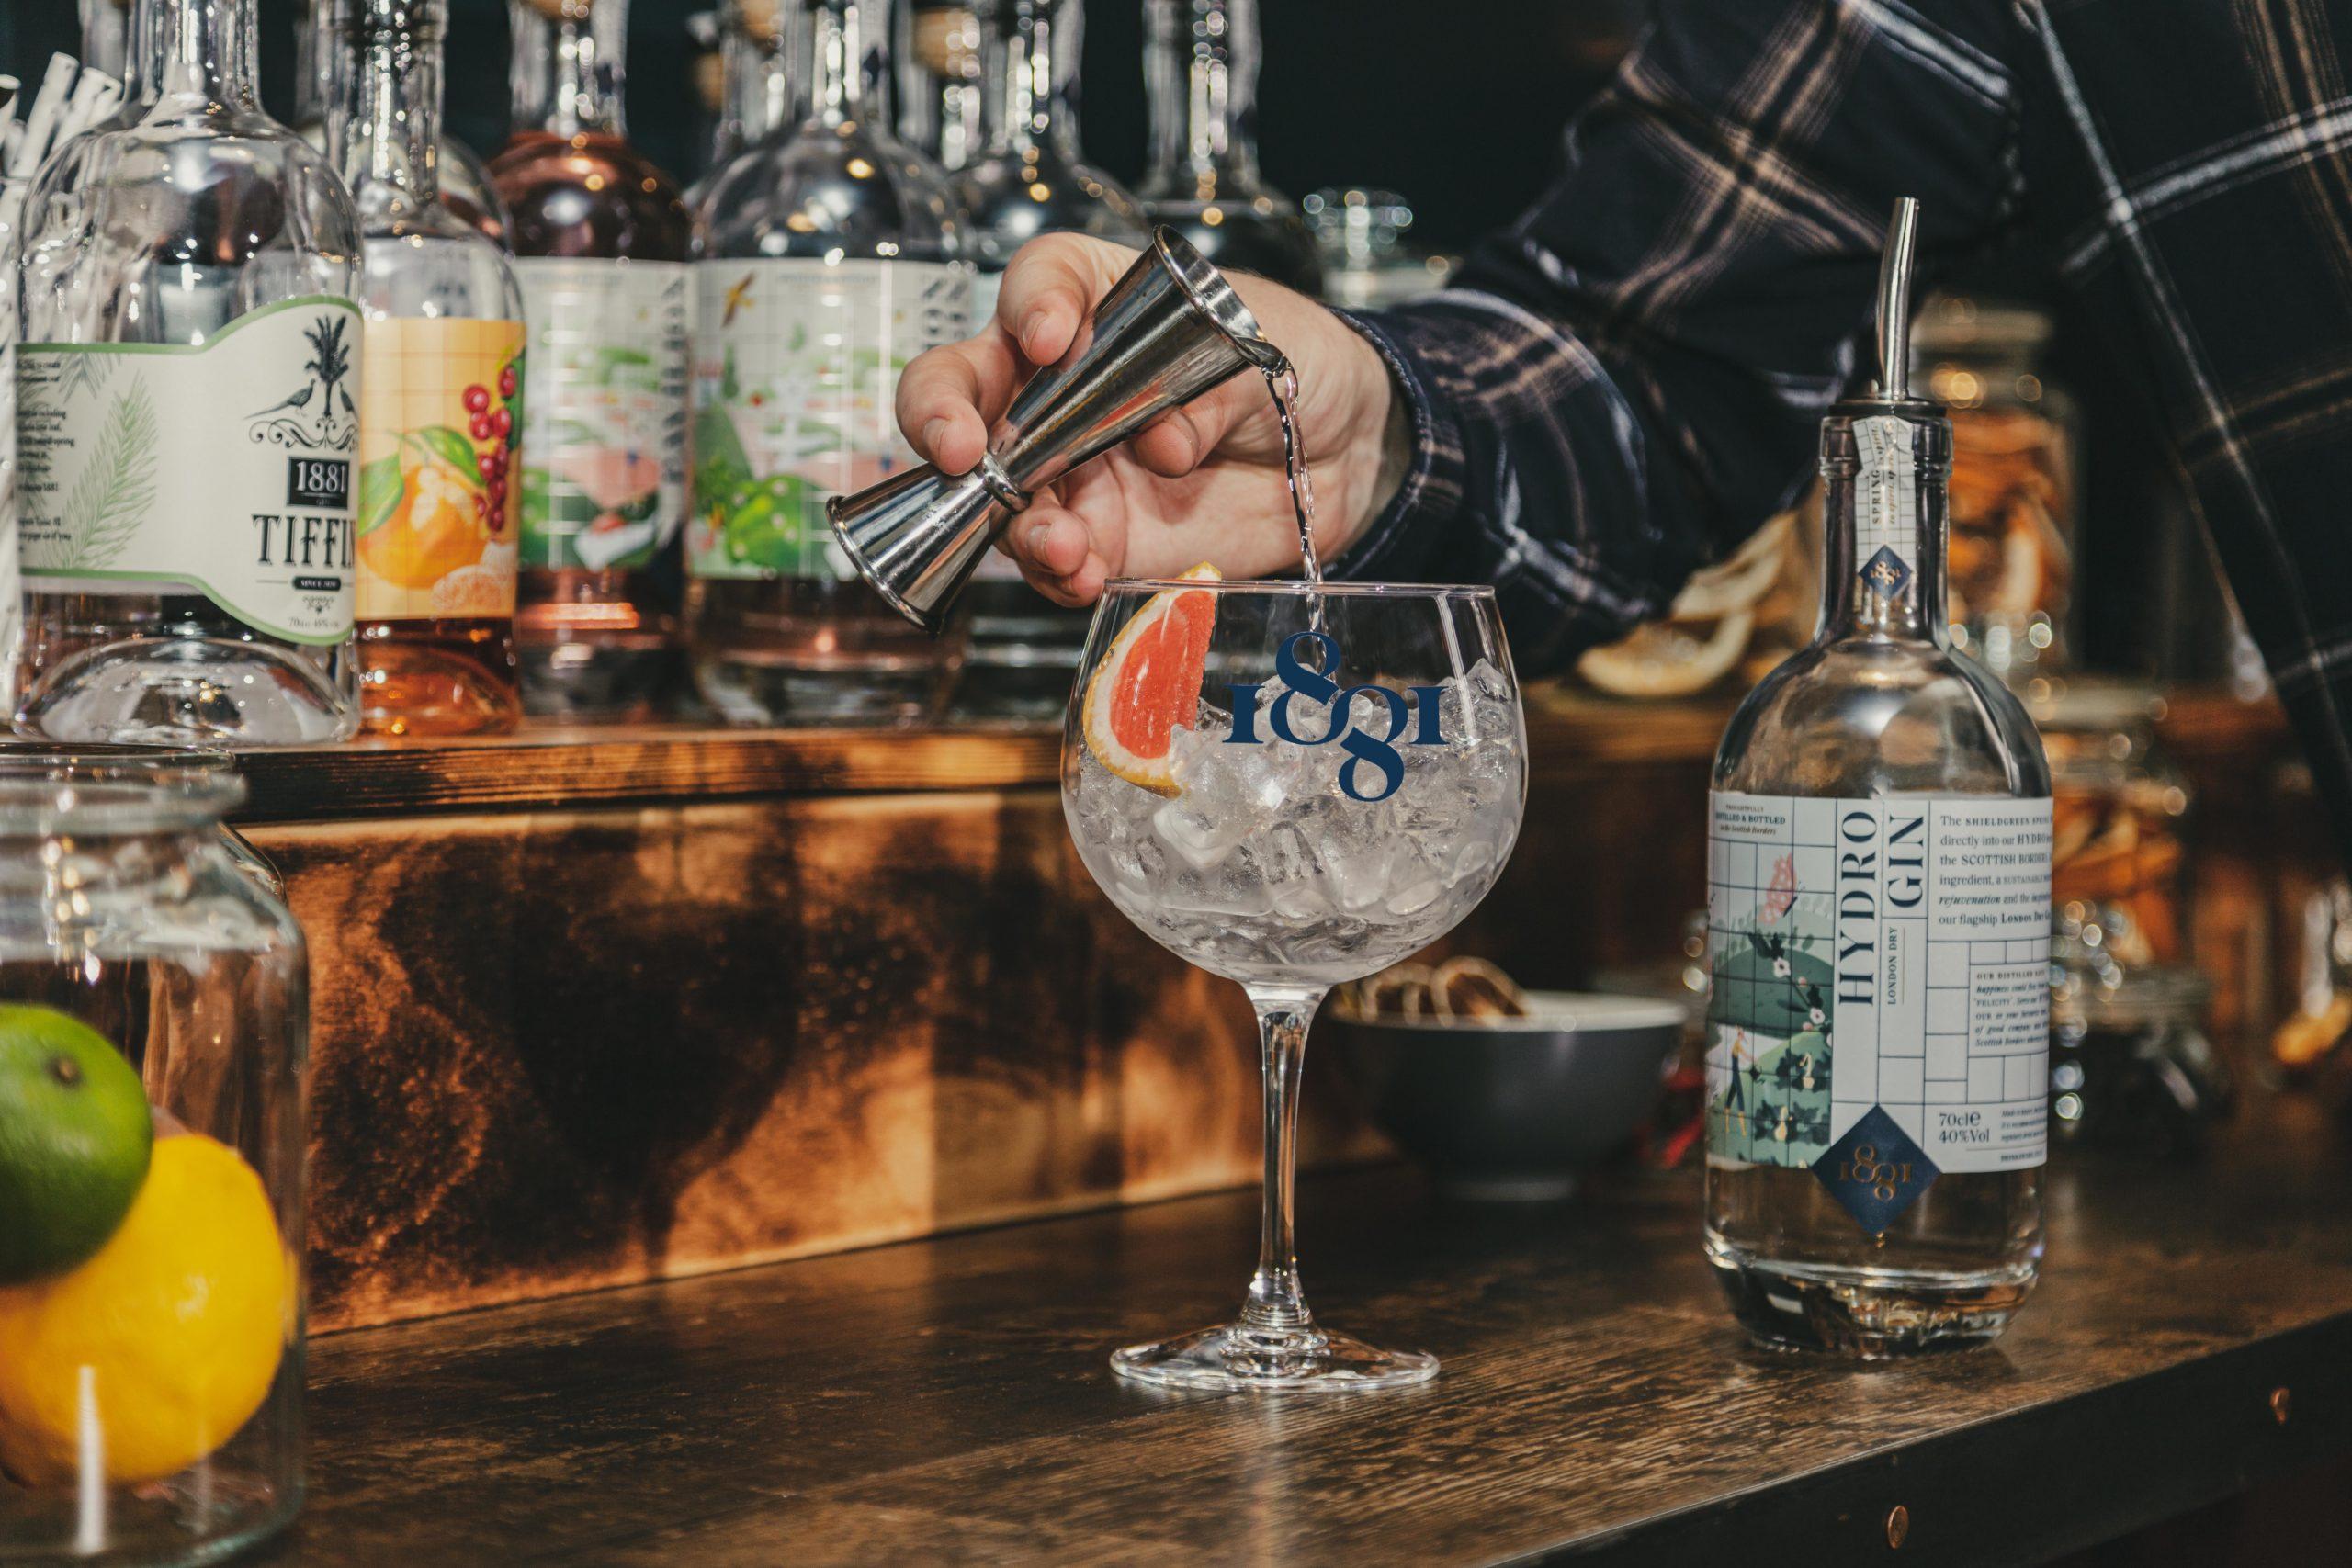 1881 Gin